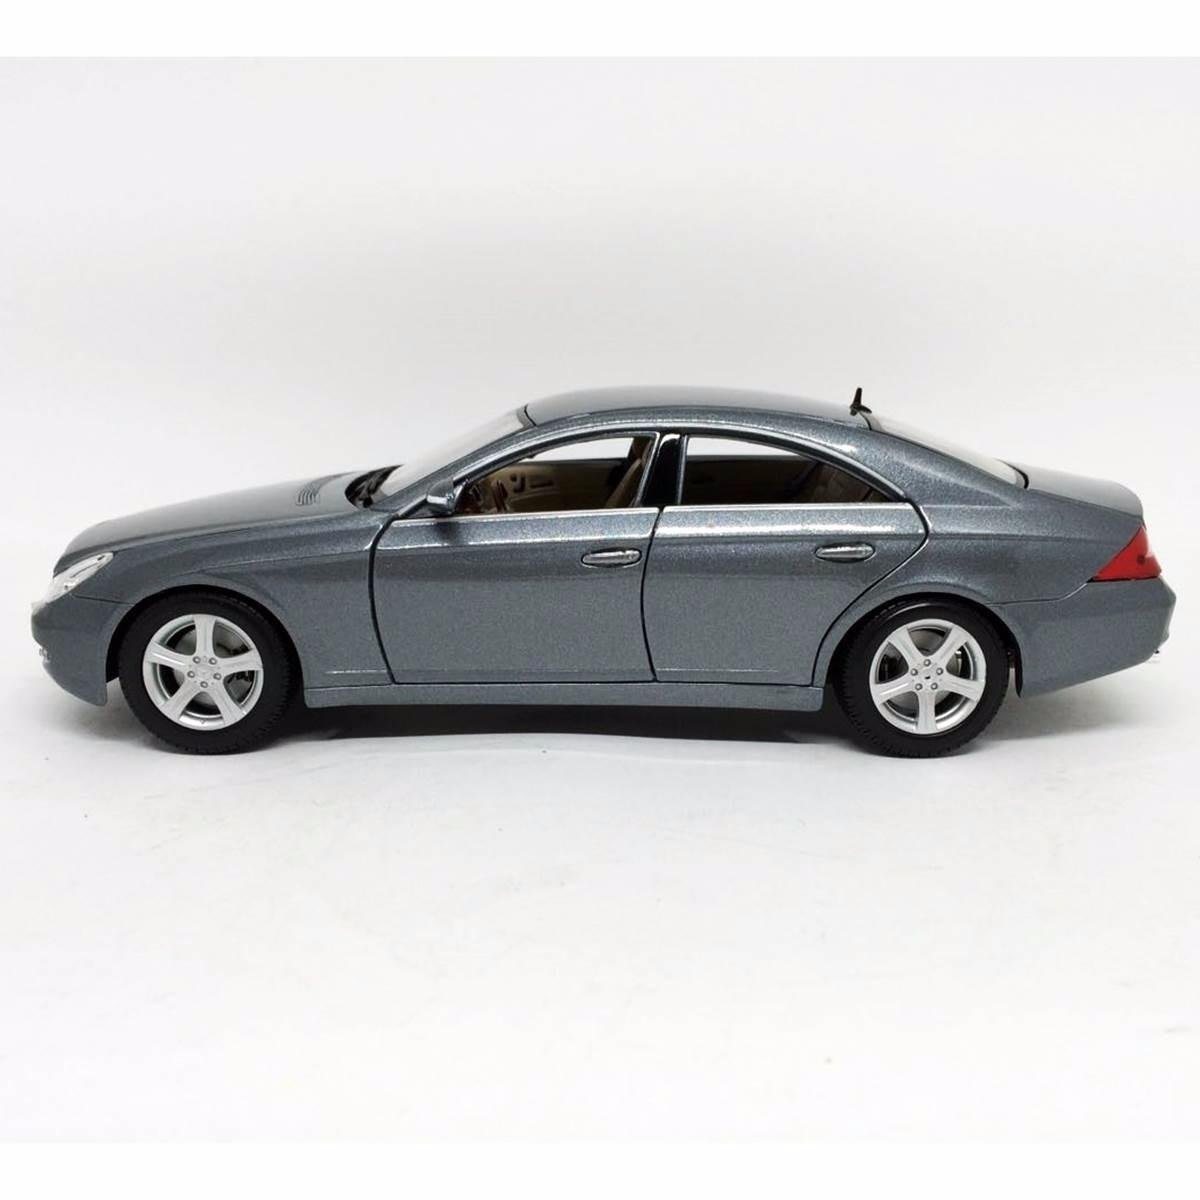 Carregando Zoom... Miniatura De Mercedes Benz Cls Class ...